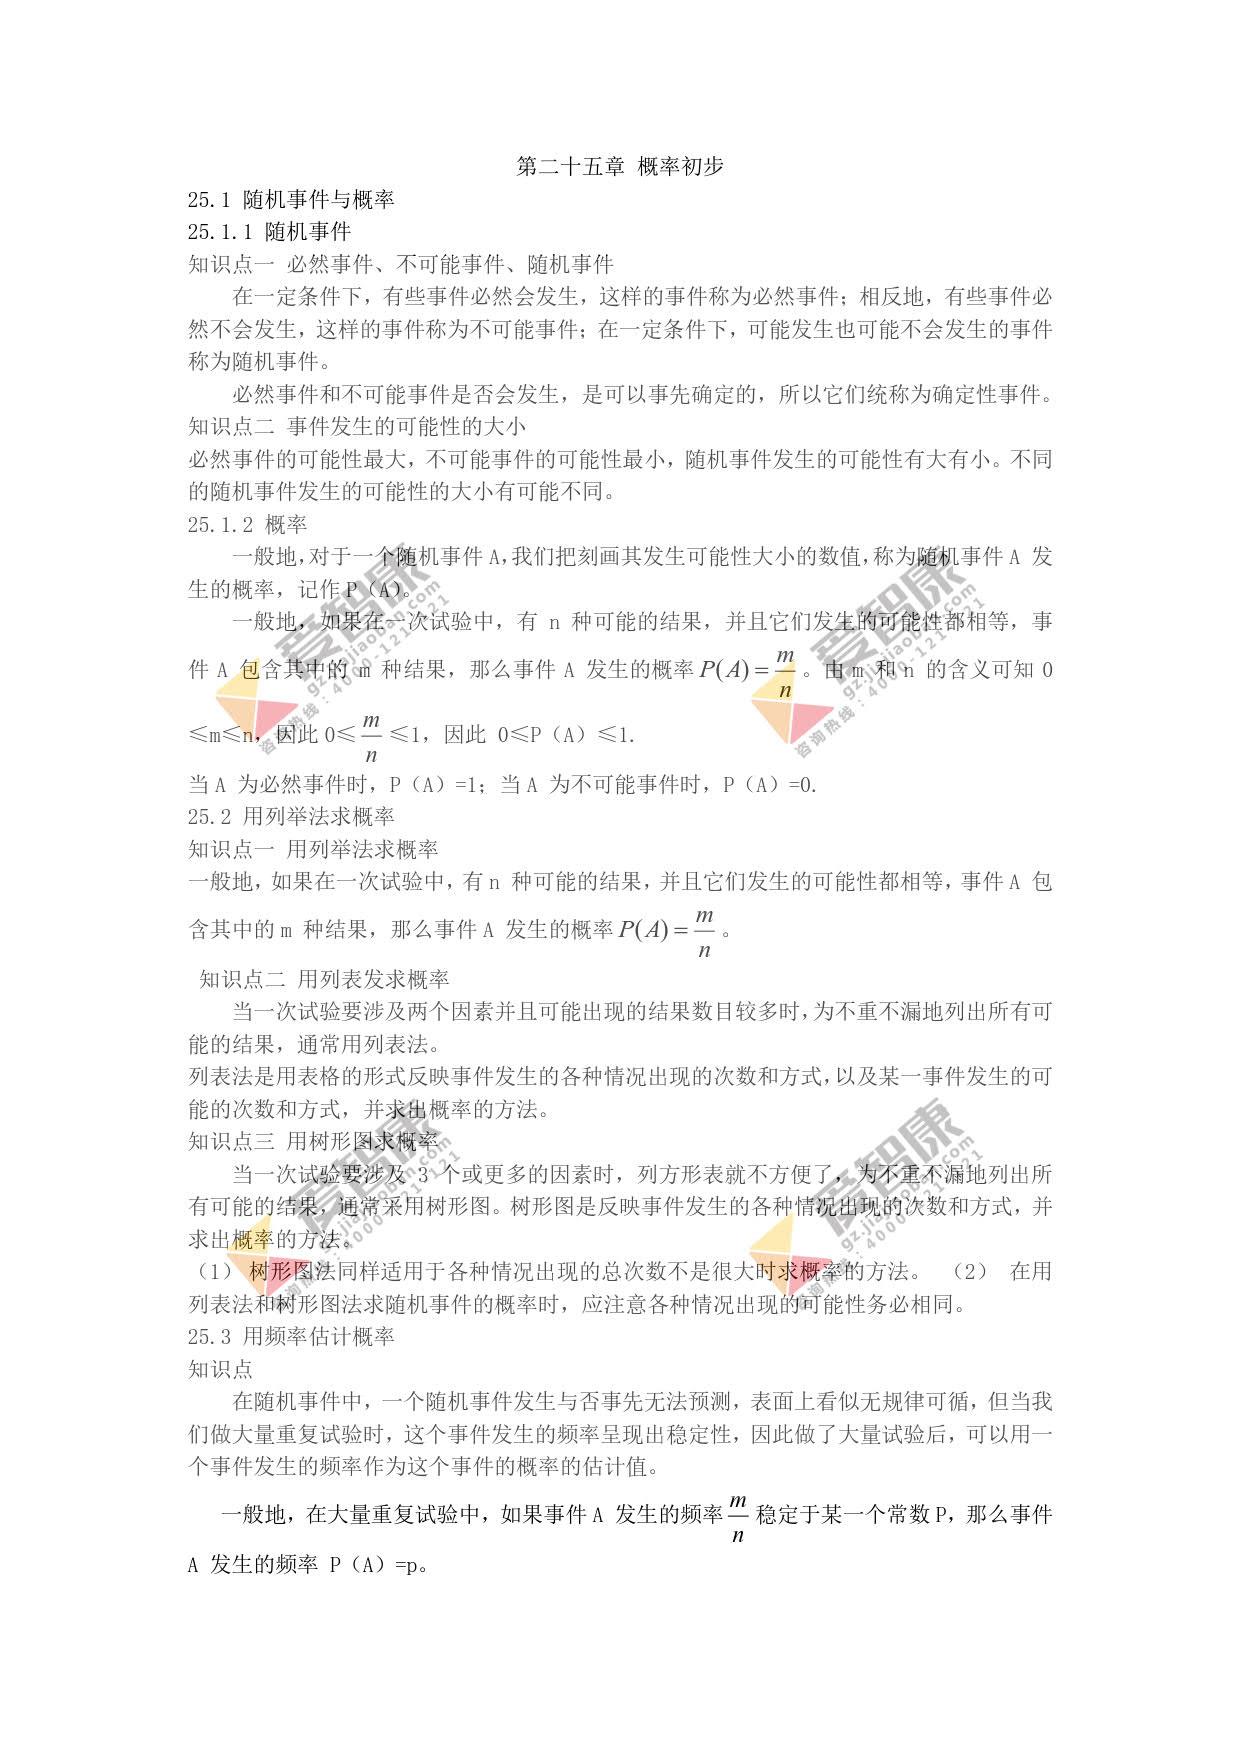 广州初三数学上学期知识点:概率初步